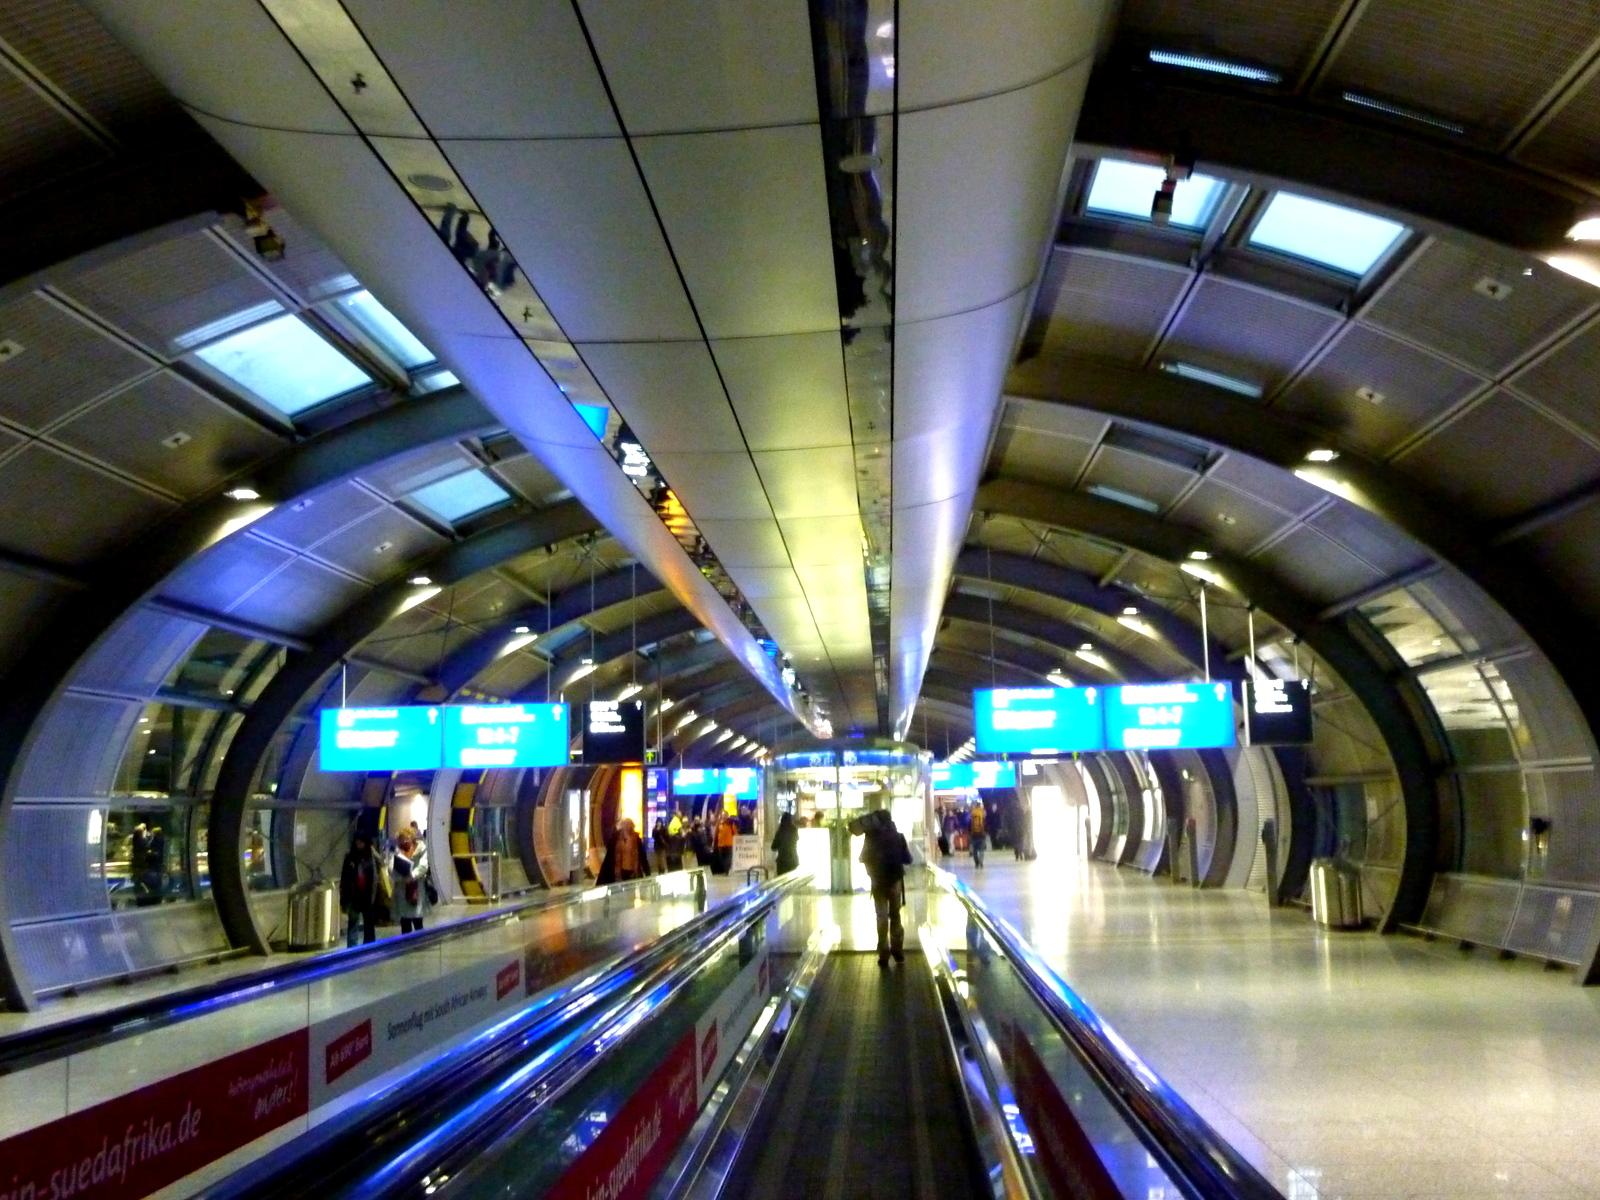 Deutschland Deine Bahnhofe Frankfurt Flughafen Fernbahnhof Ach Komm Geh Wech